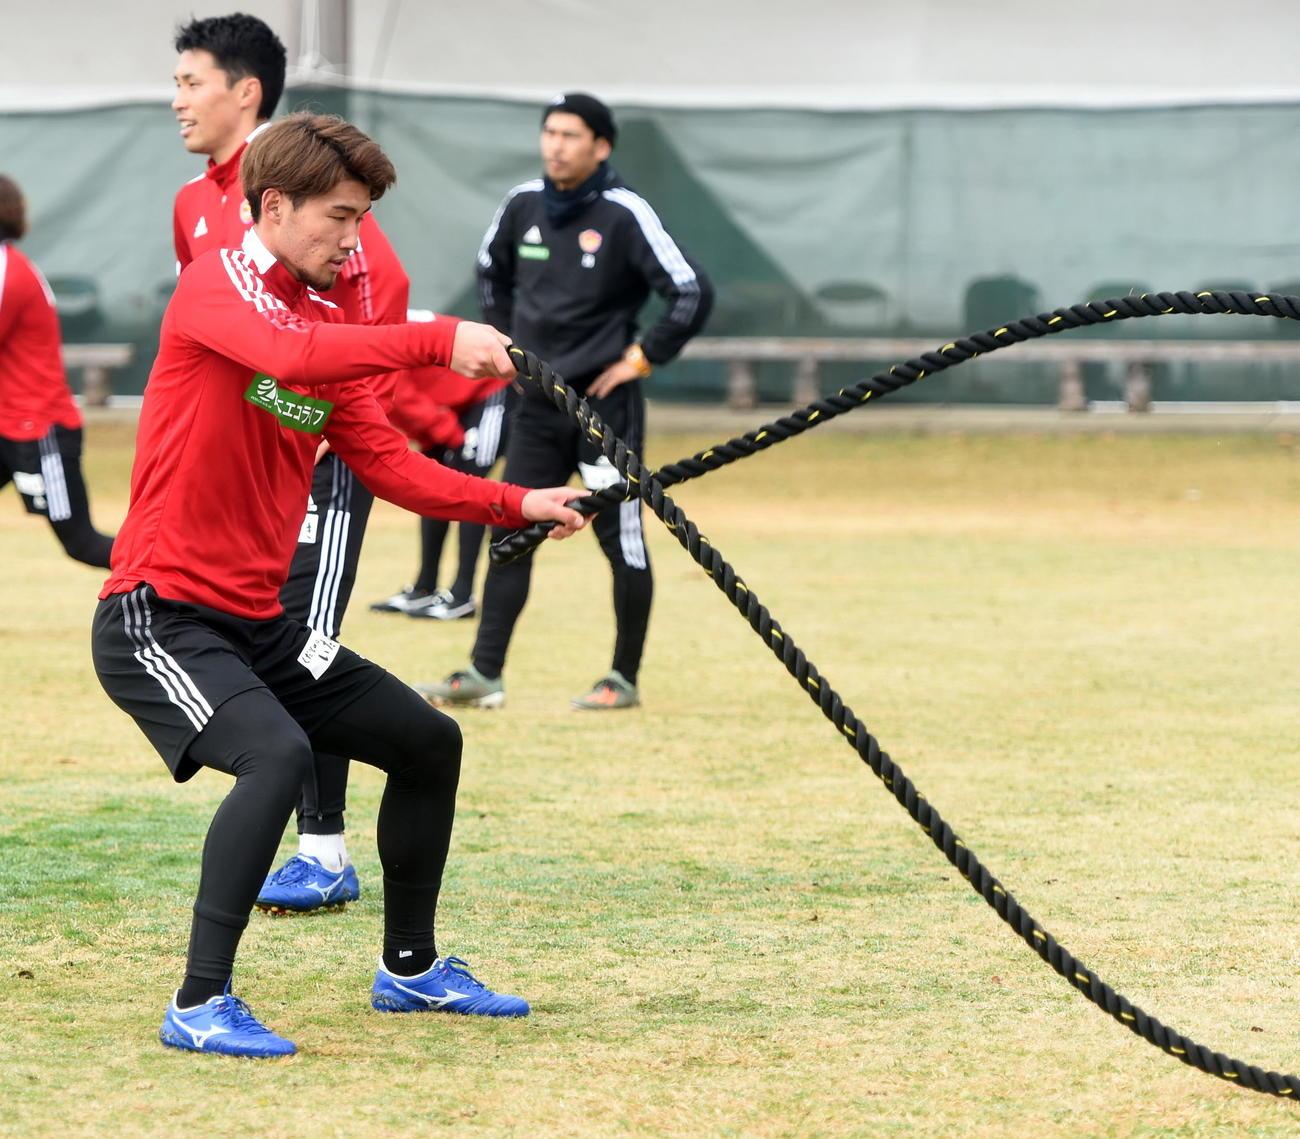 ロープを使ったトレーニングを行う仙台DF照山。奥はDF蜂須賀(撮影・山田愛斗)